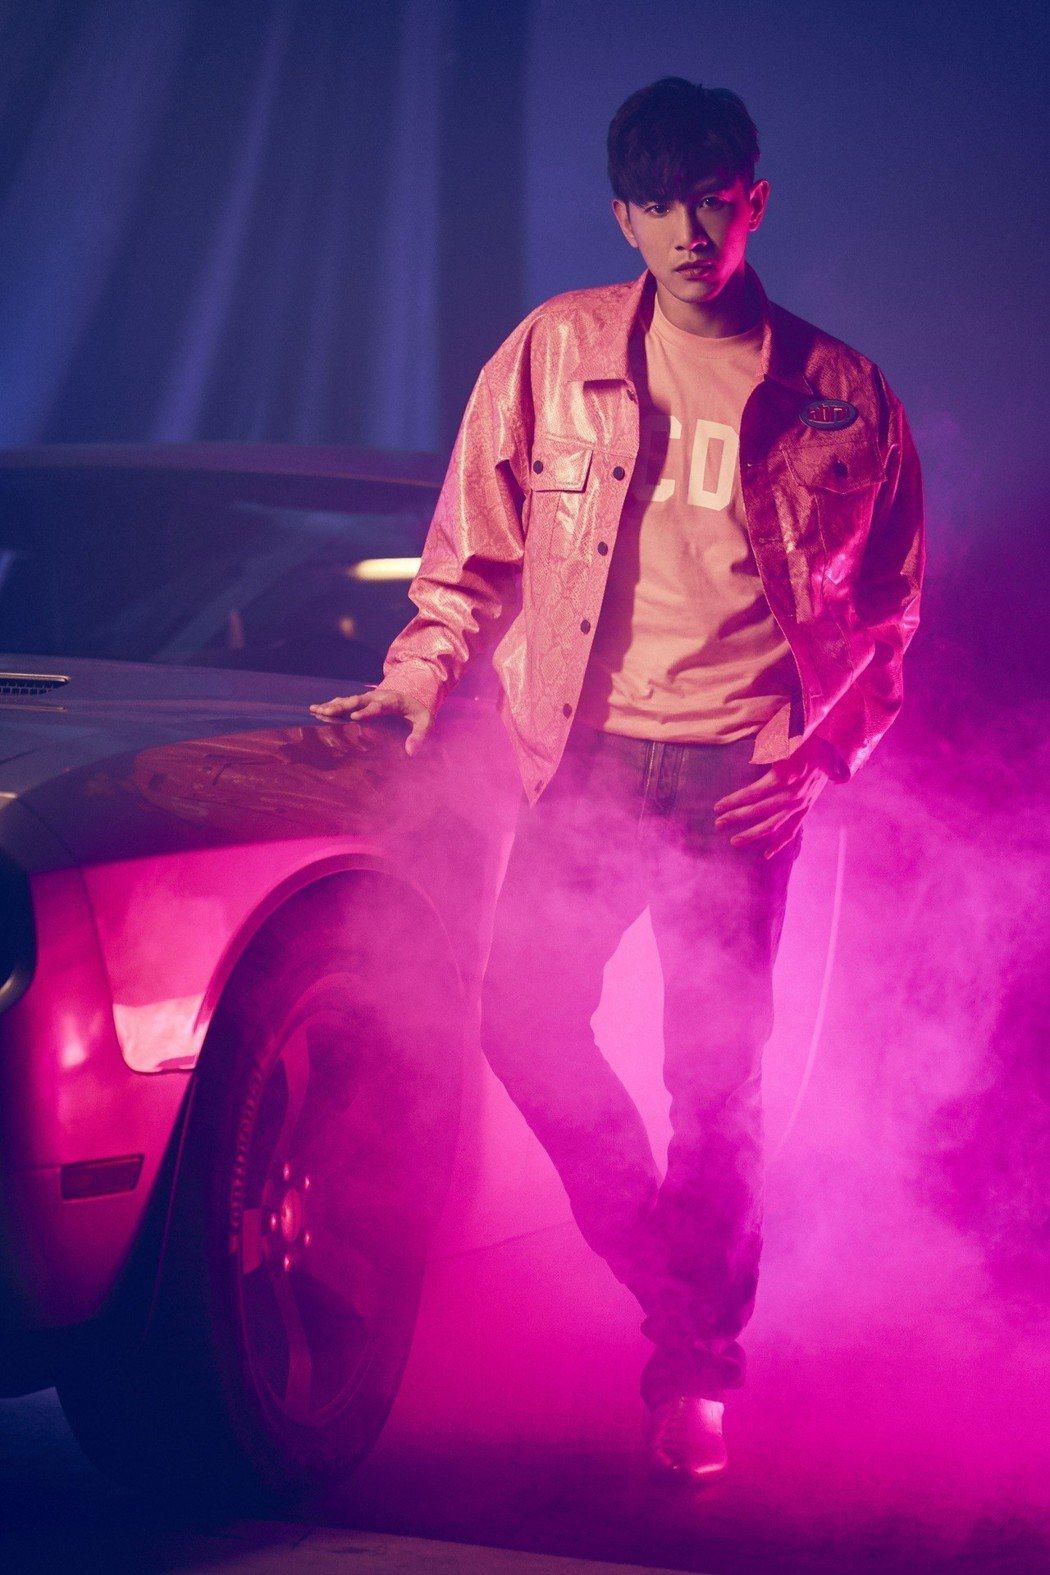 張立昂推出新歌「感應心電」。圖/索尼音樂提供